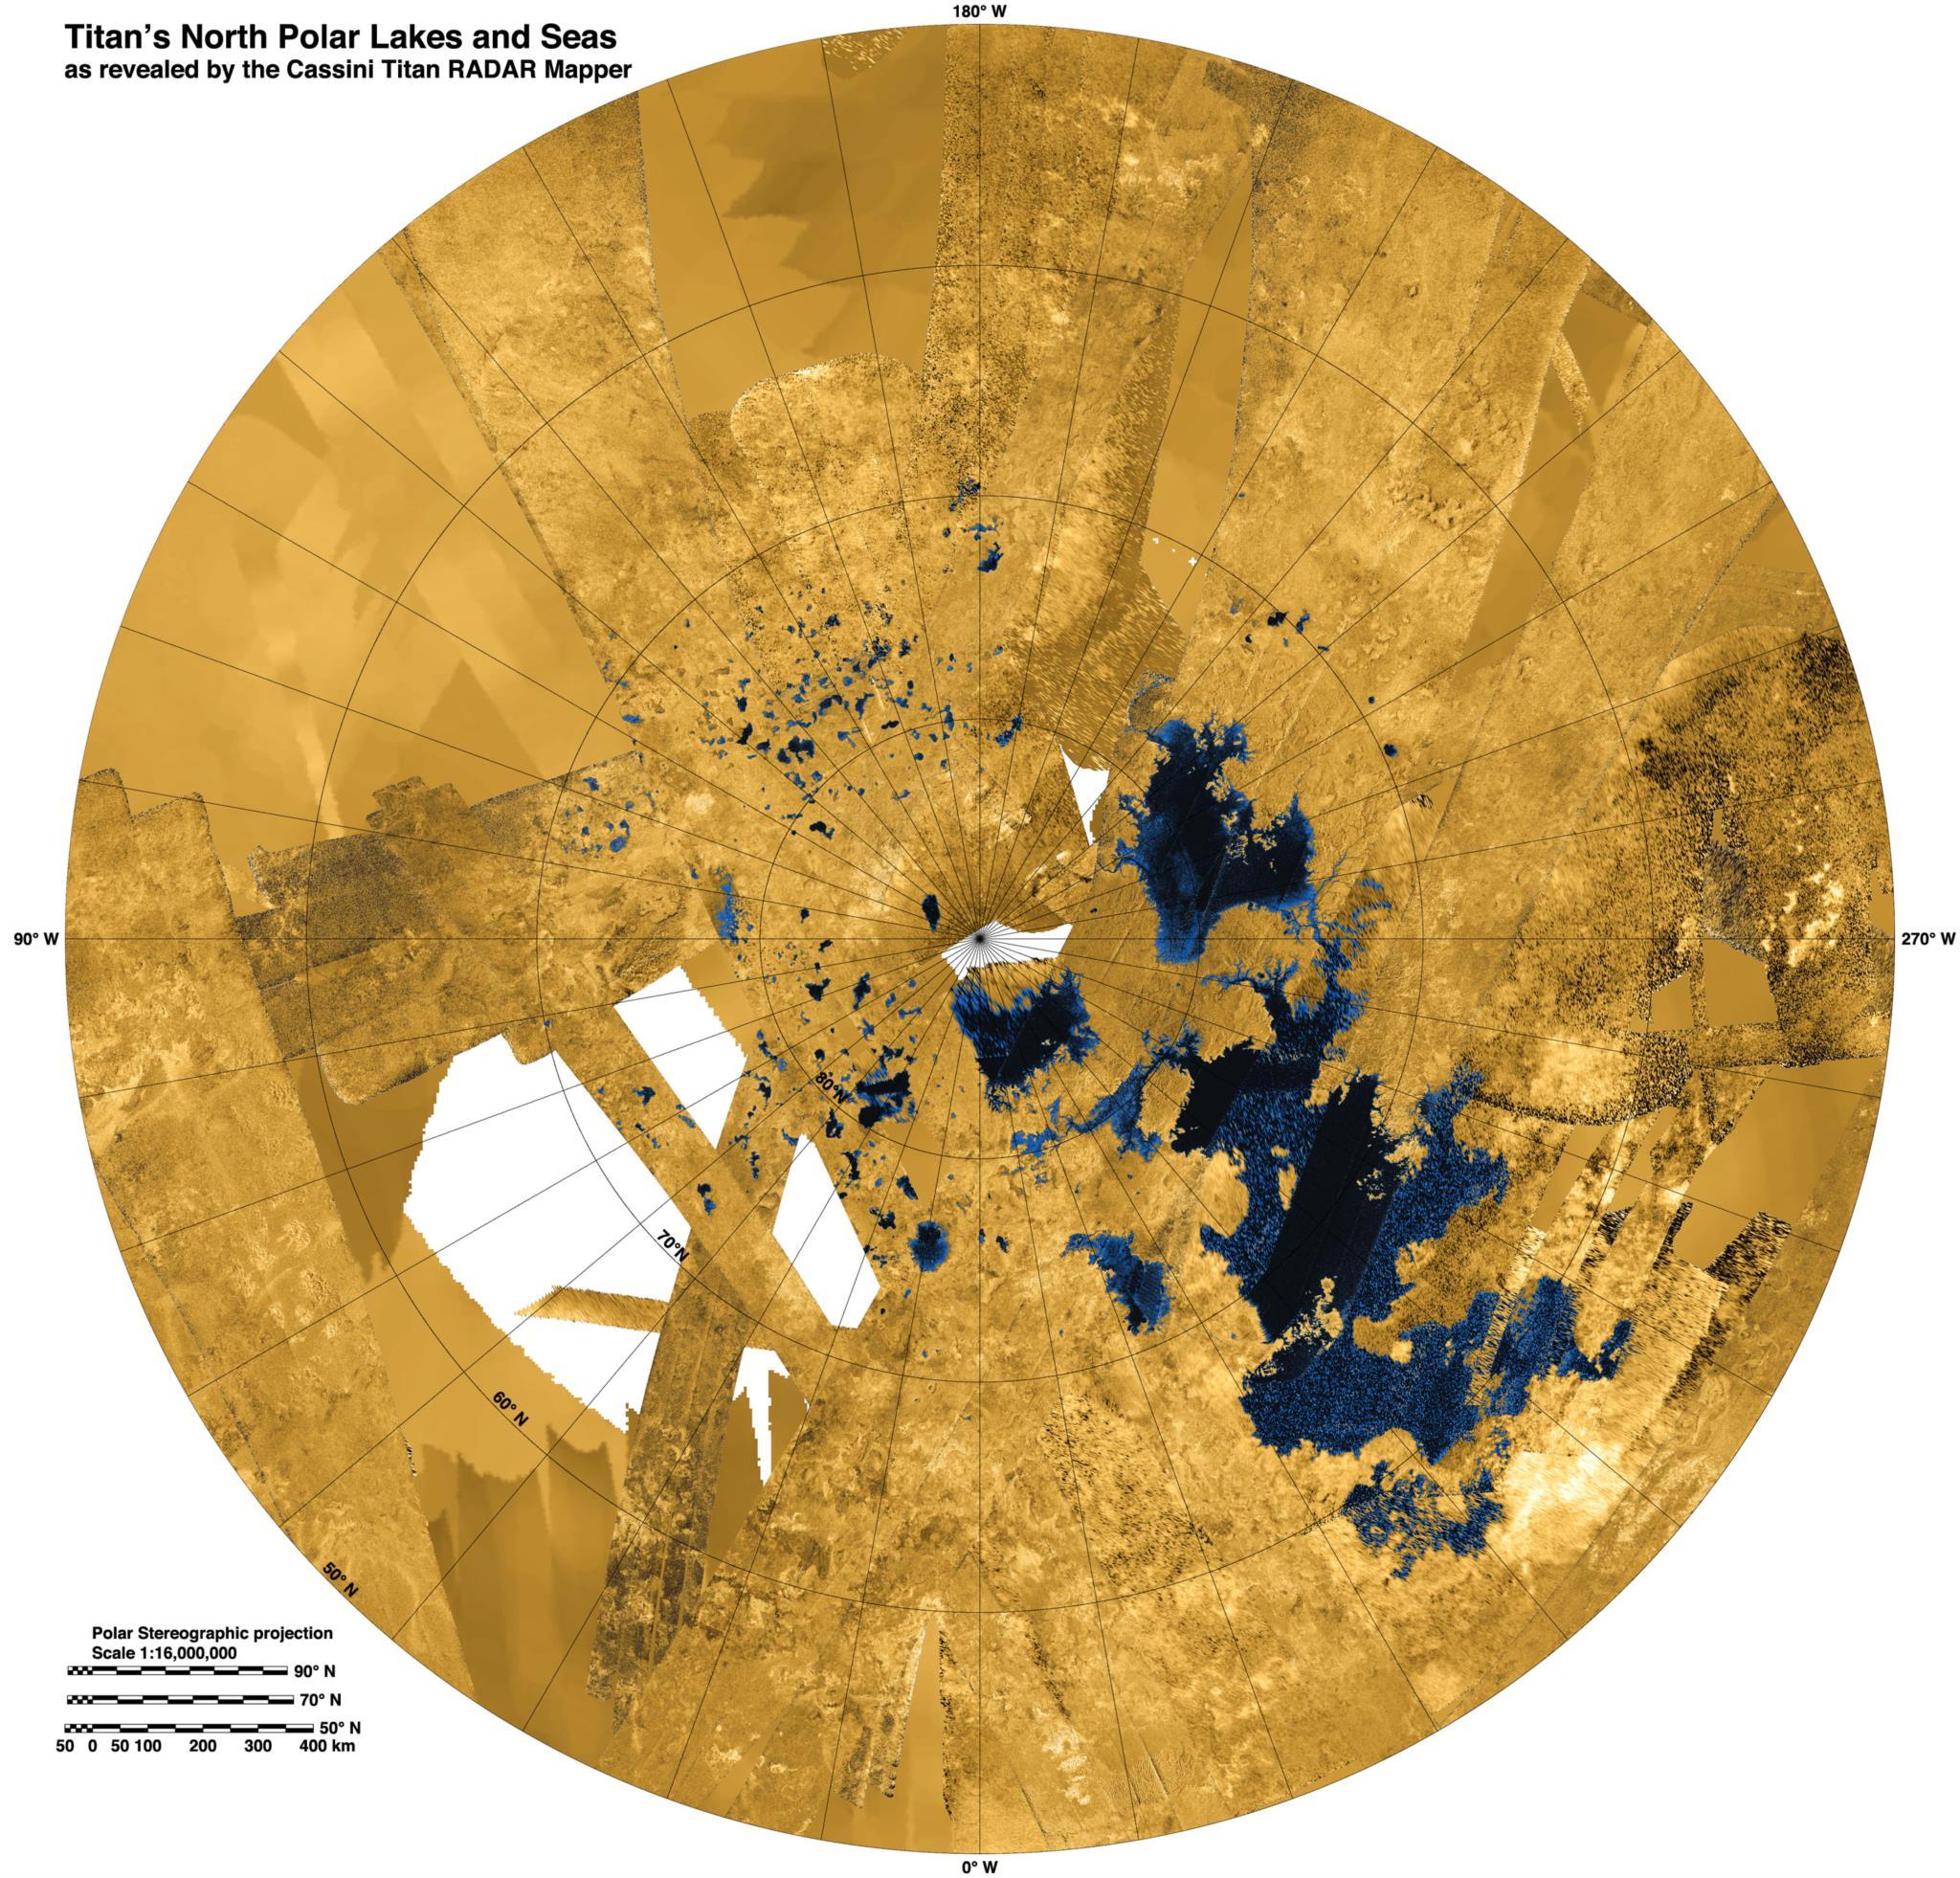 Um mosaico de imagens do Norte de Titã feito a partir de fotografias obtidas entre 2004 e 2013